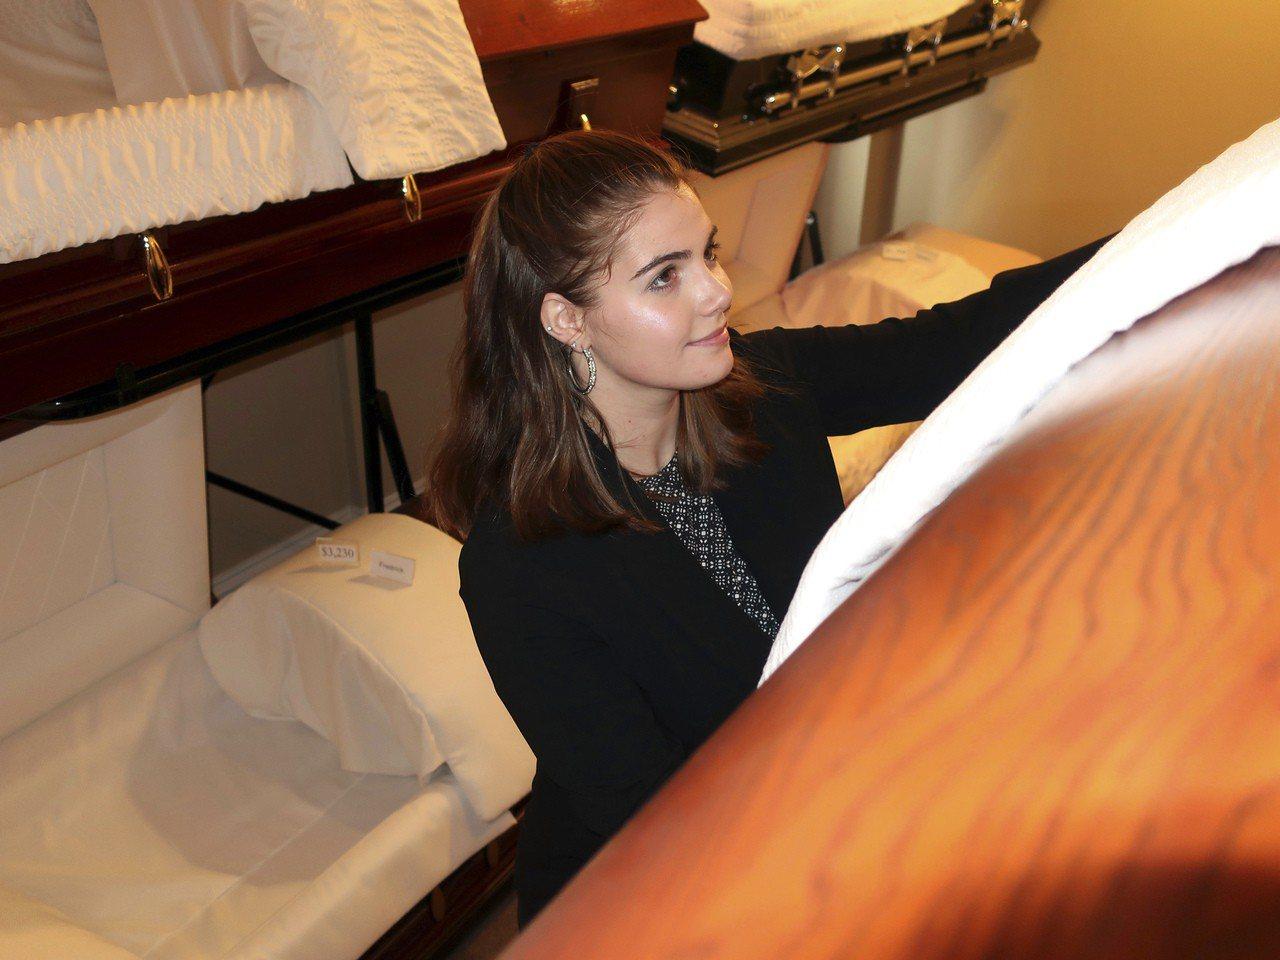 禮儀師黛里恩‧弗雷德里克在紐約州克里夫蘭殯儀館,調整棺木的擺放方式。 美聯社